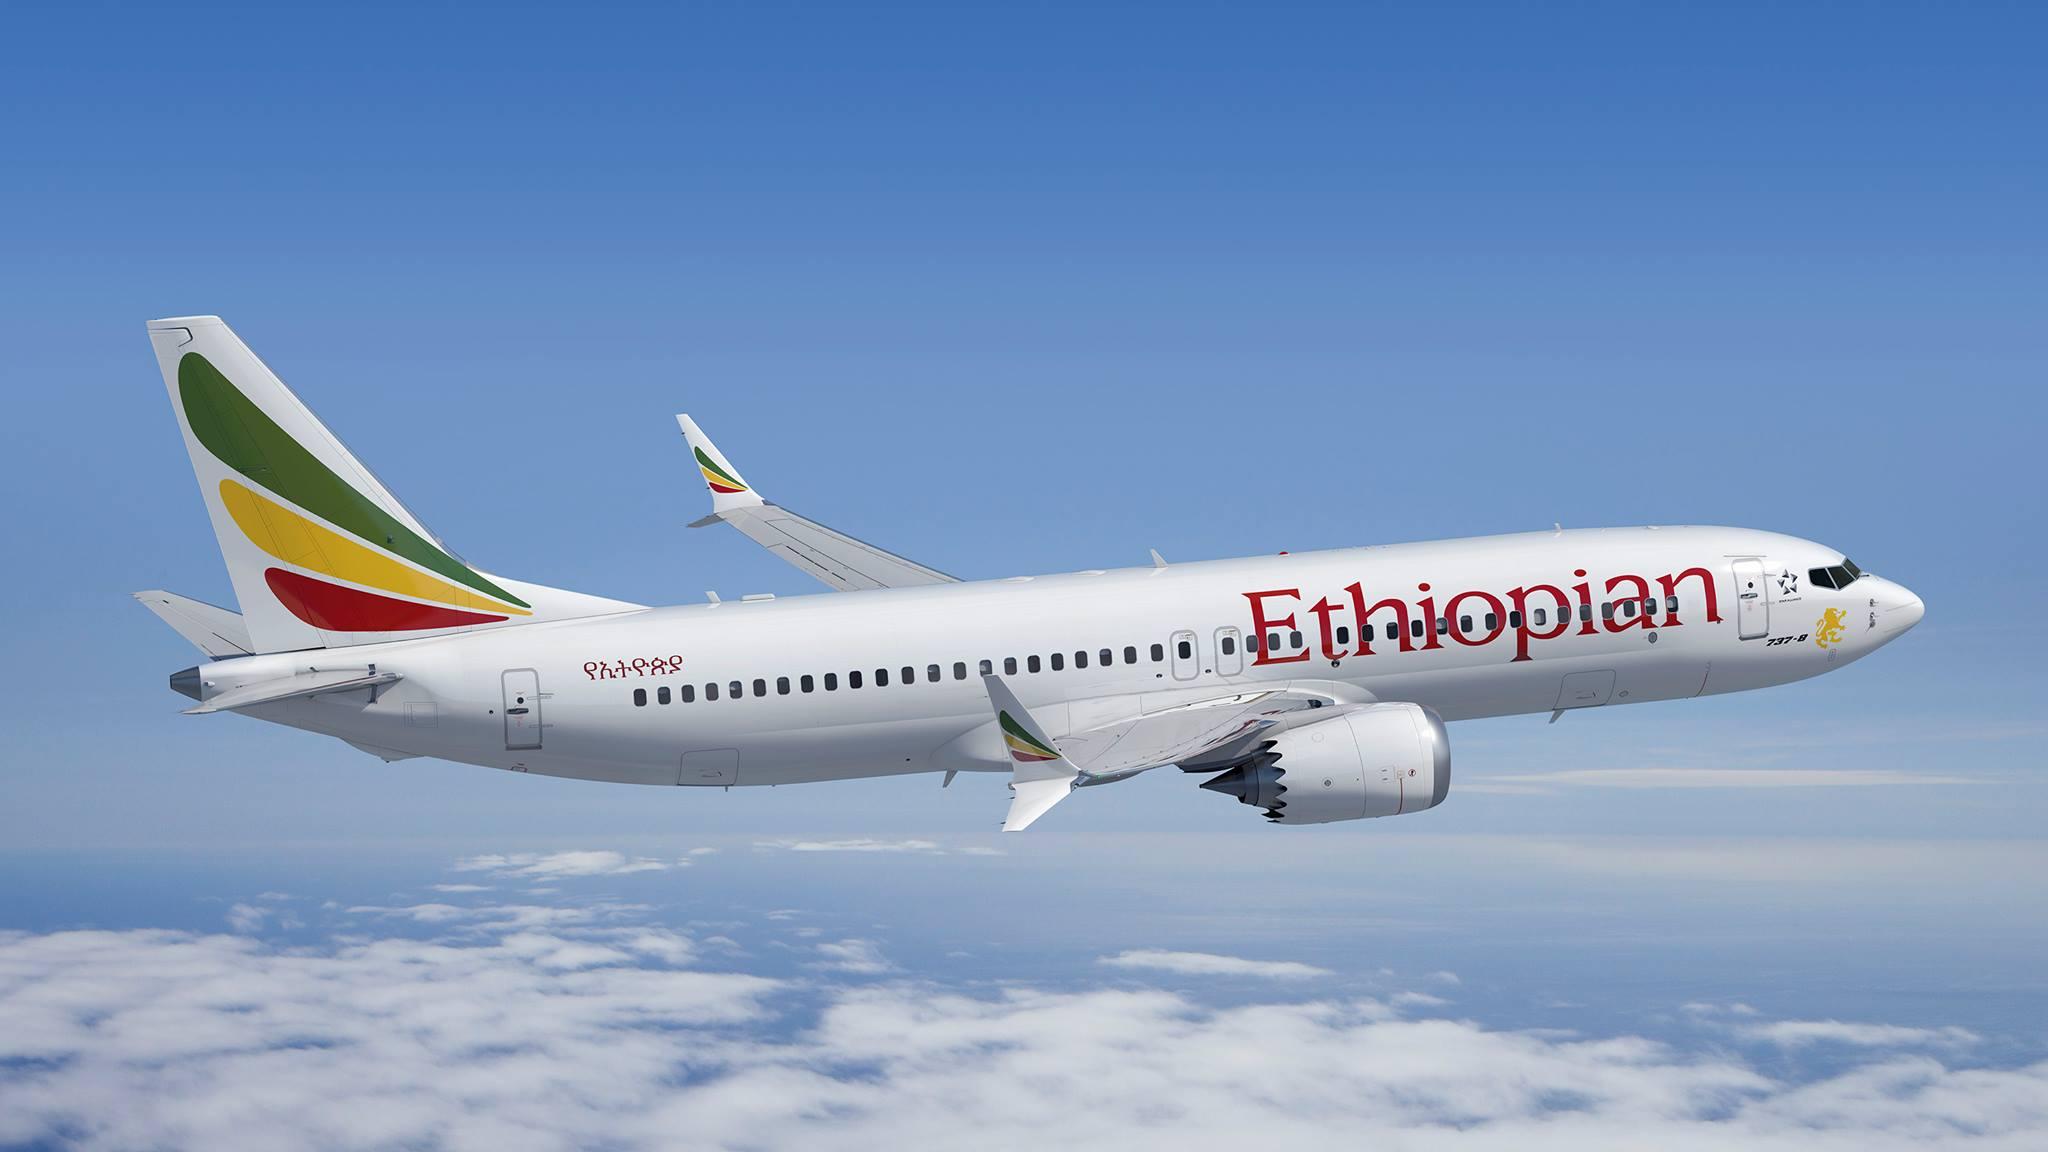 Самолет Ethiopian Airlines потерпел крушение в Эфиопии, среди погибших есть граждане России